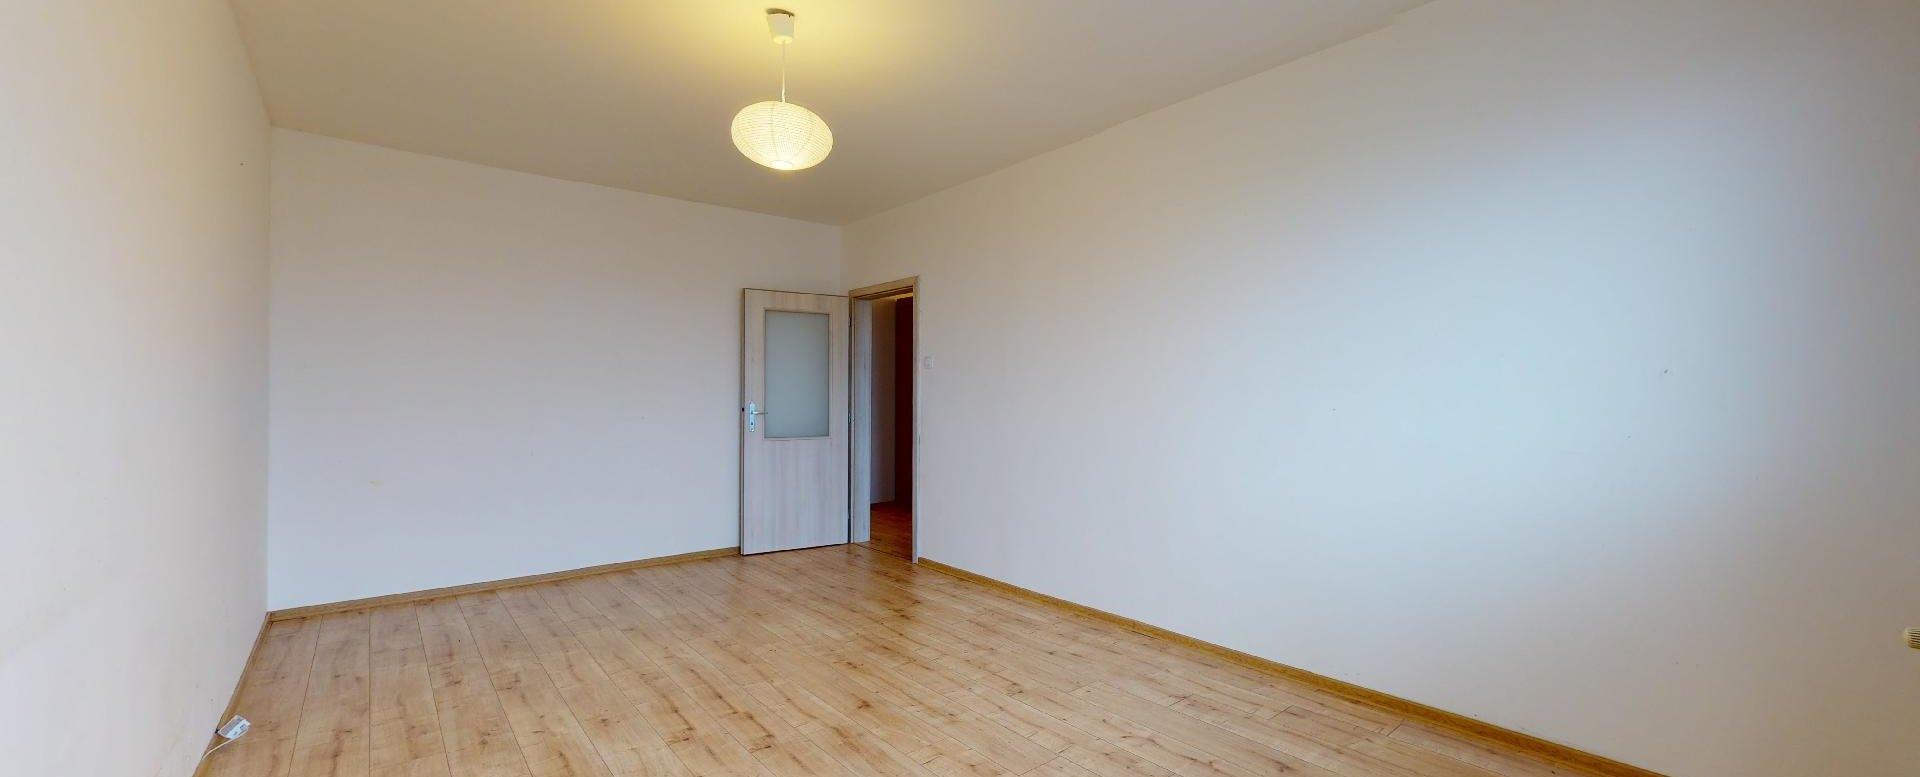 Veľká izba v 2-izbovom byte na Považanovej ulici v Dúbravke